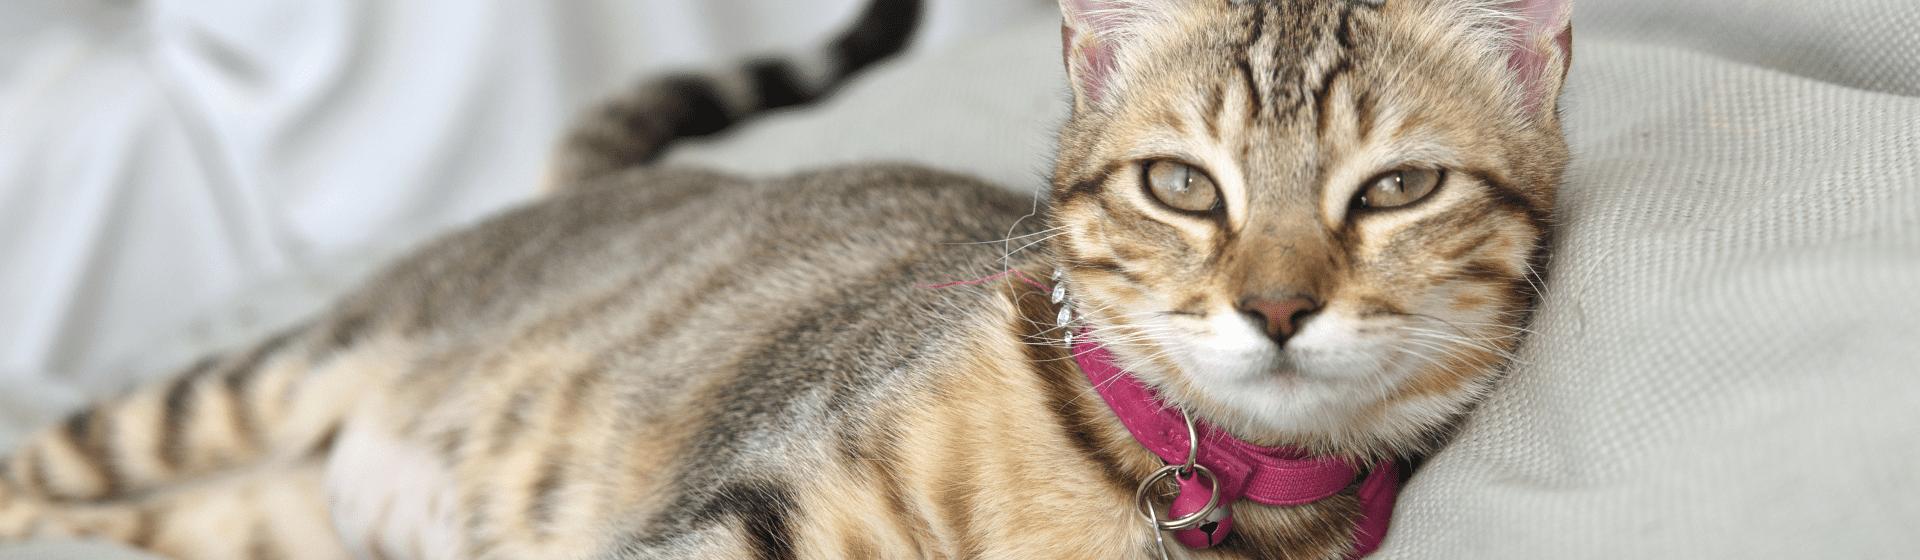 Coleira para gato: veja os principais modelos e entenda para que servem